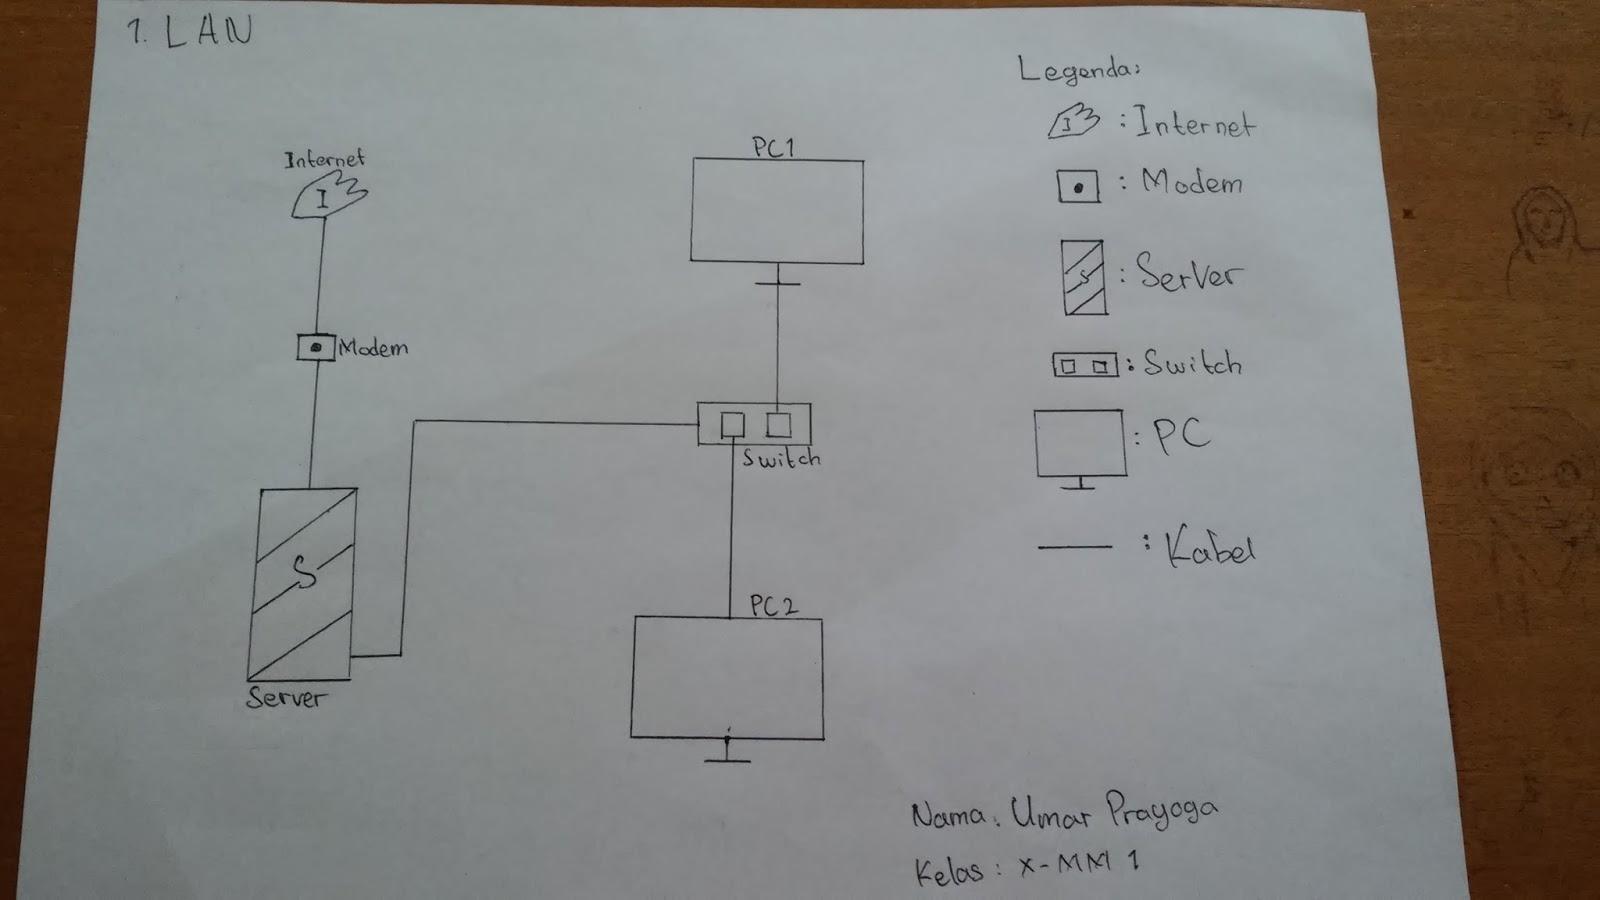 Belajar jaringan dasar skema jaringan dari gamabaran di atas itu terdapat internet 1 modem 1 server 1 hubswitch 2 pc dan kebel internet dihubungkan ke modem dan dikirimkan ke server ccuart Gallery